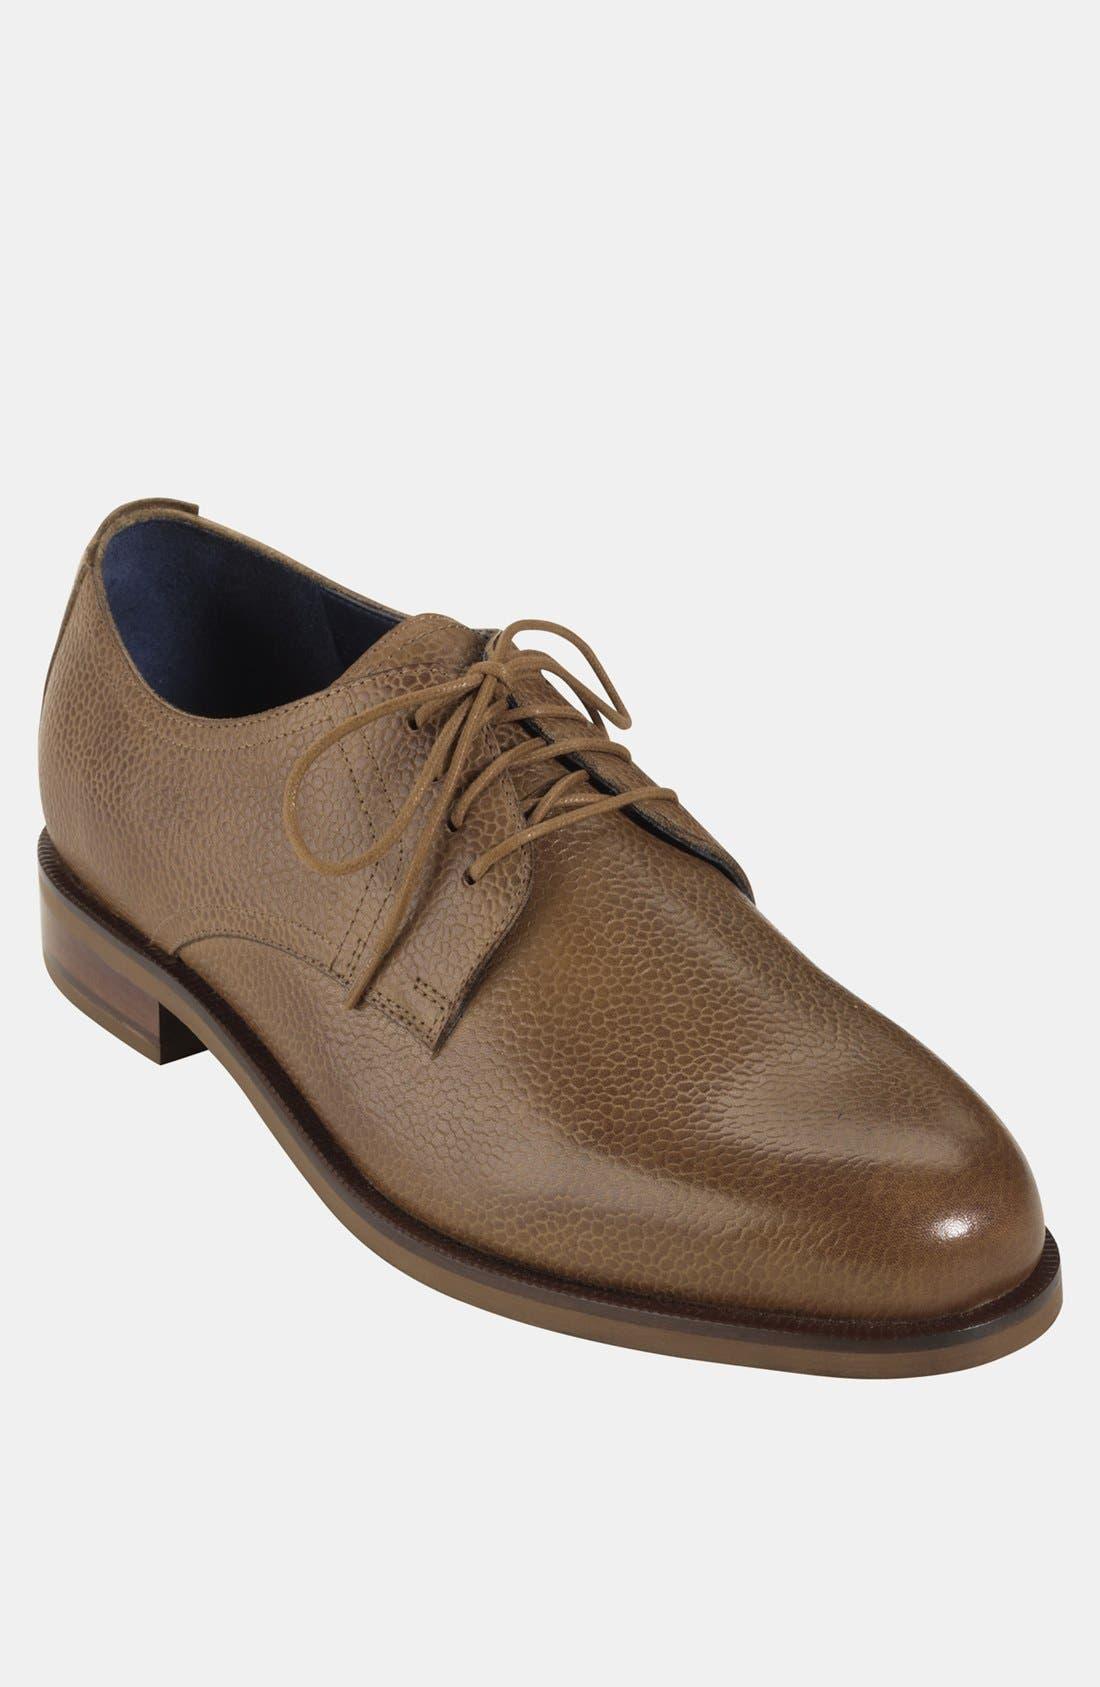 Alternate Image 1 Selected - Cole Haan 'Carter' Buck Shoe